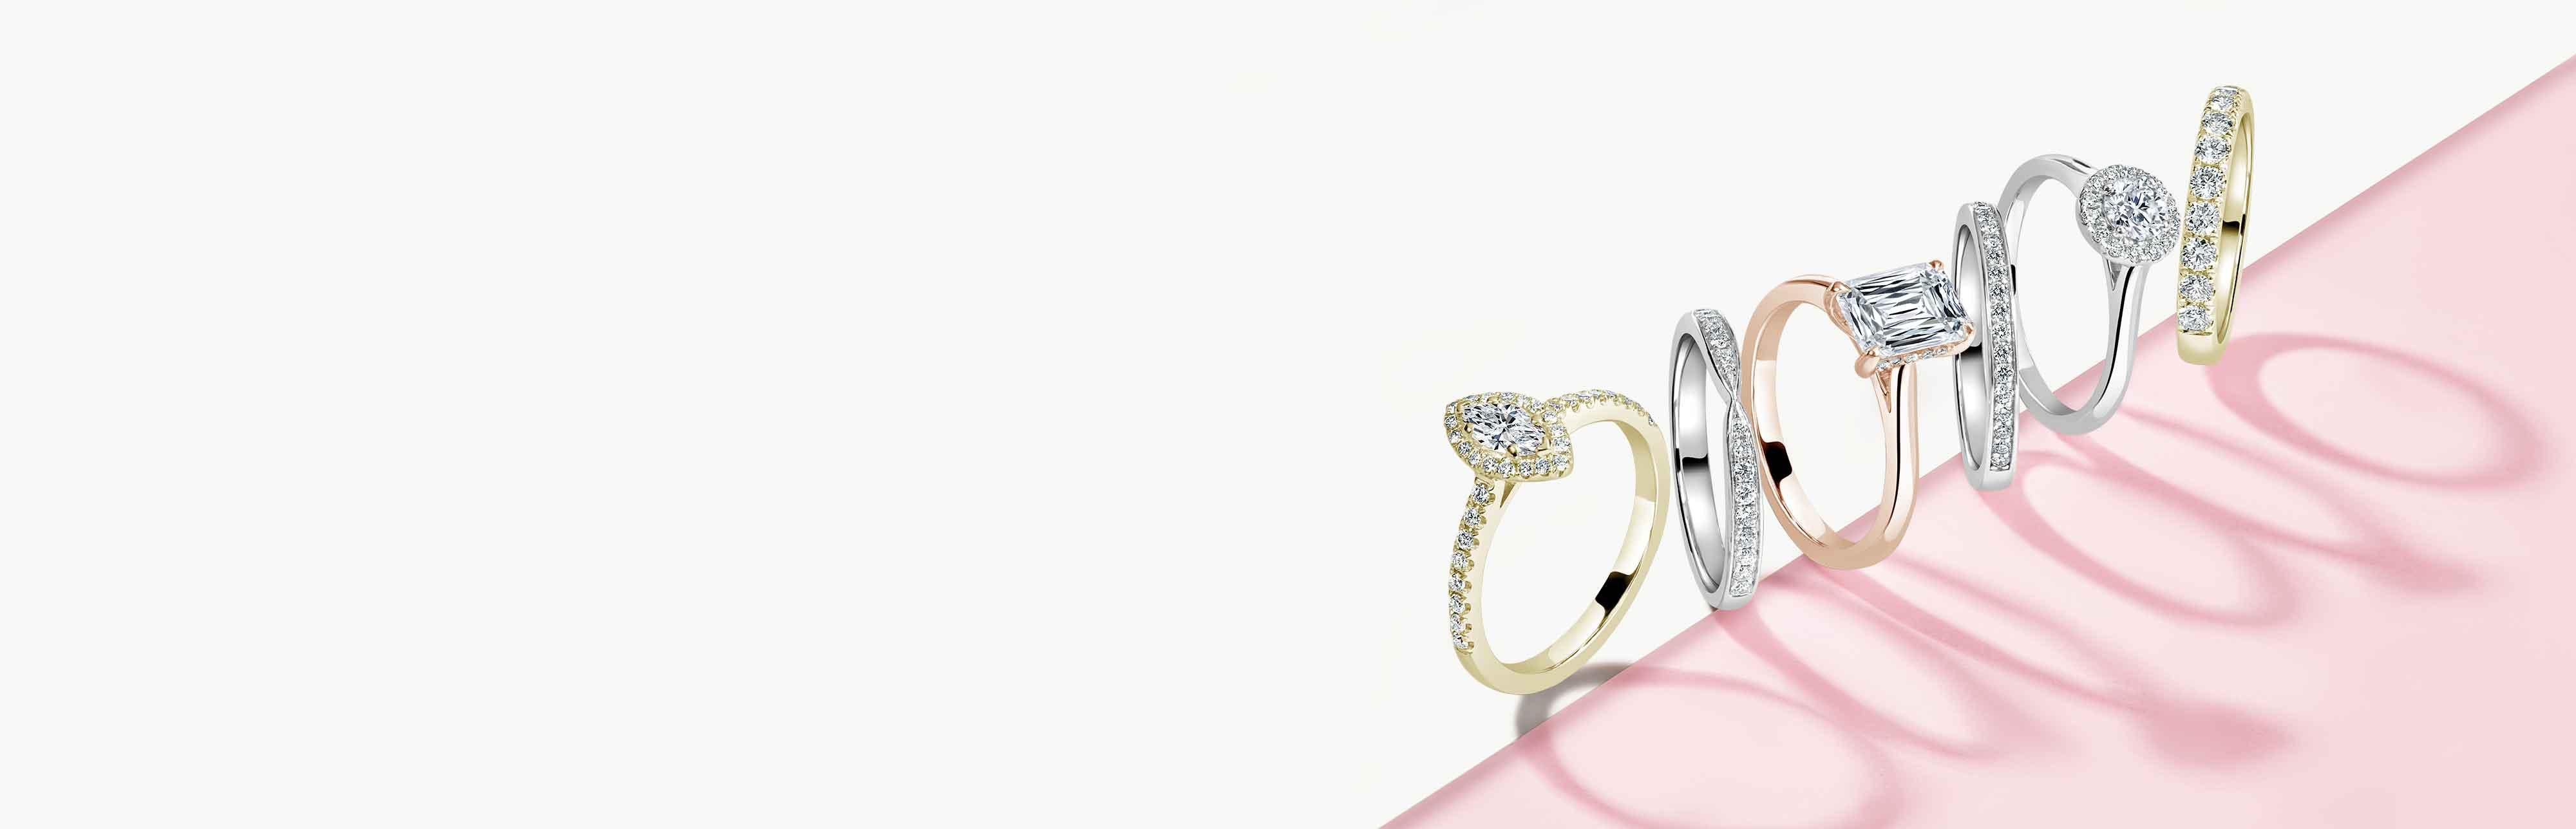 White Gold Asscher Cut Engagement Rings - Steven Stone